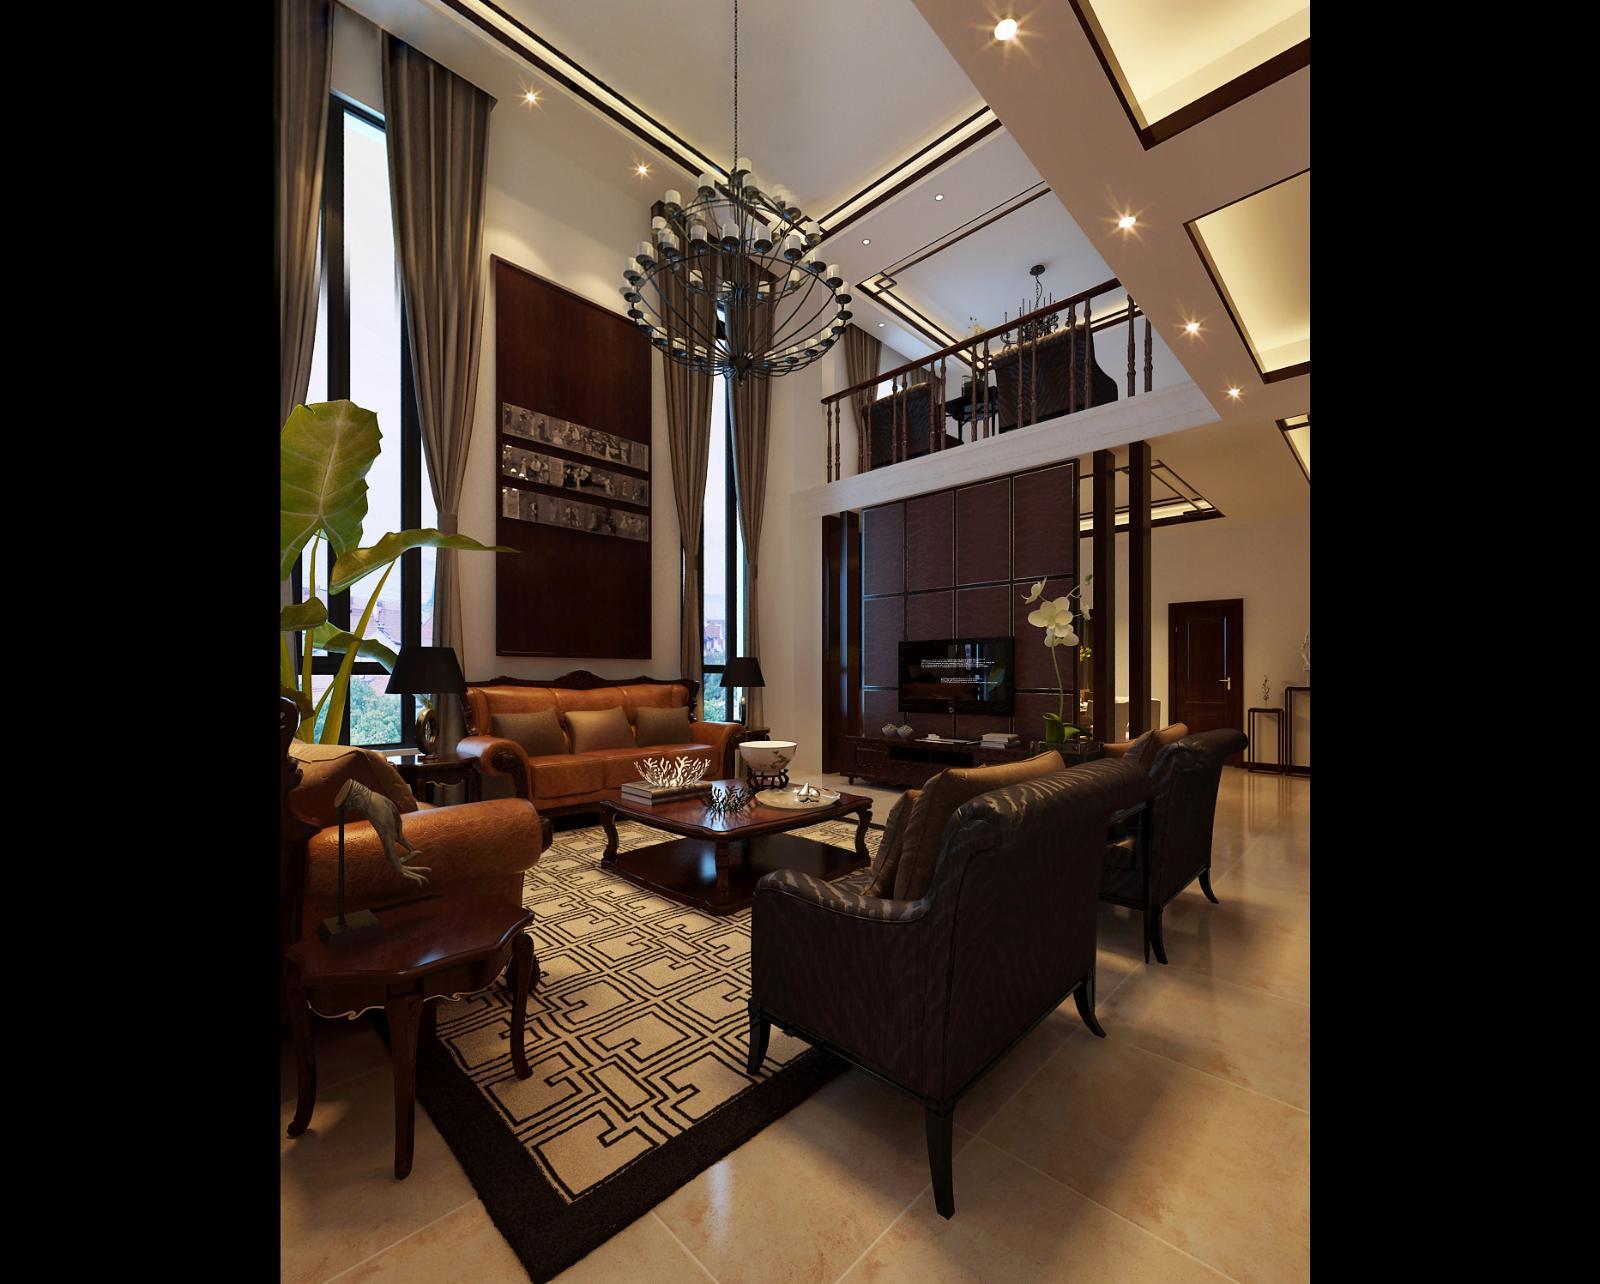 中式客厅装修图_酷家乐装修效果图3fo4k7yw60ab